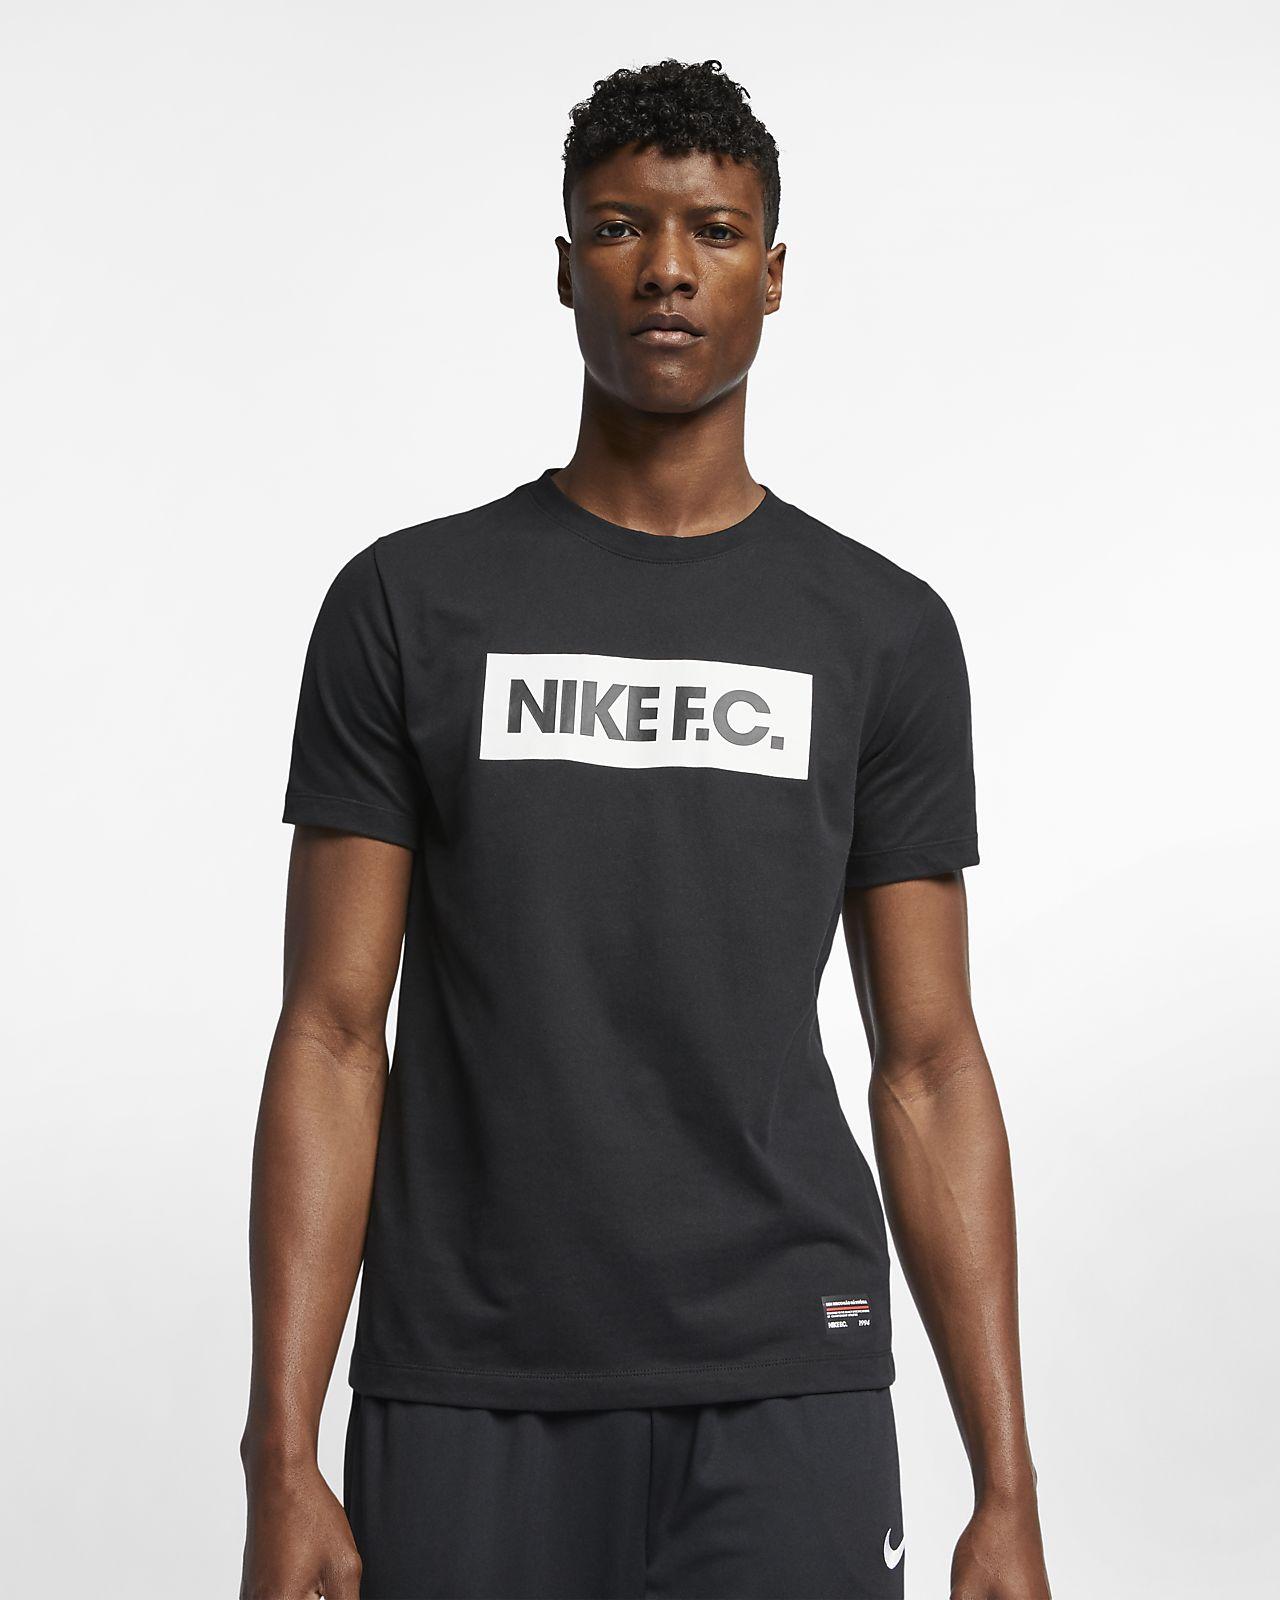 bca56d922964 Ανδρικό ποδοσφαιρικό T-Shirt Nike Dri-FIT F.C.. Nike.com GR